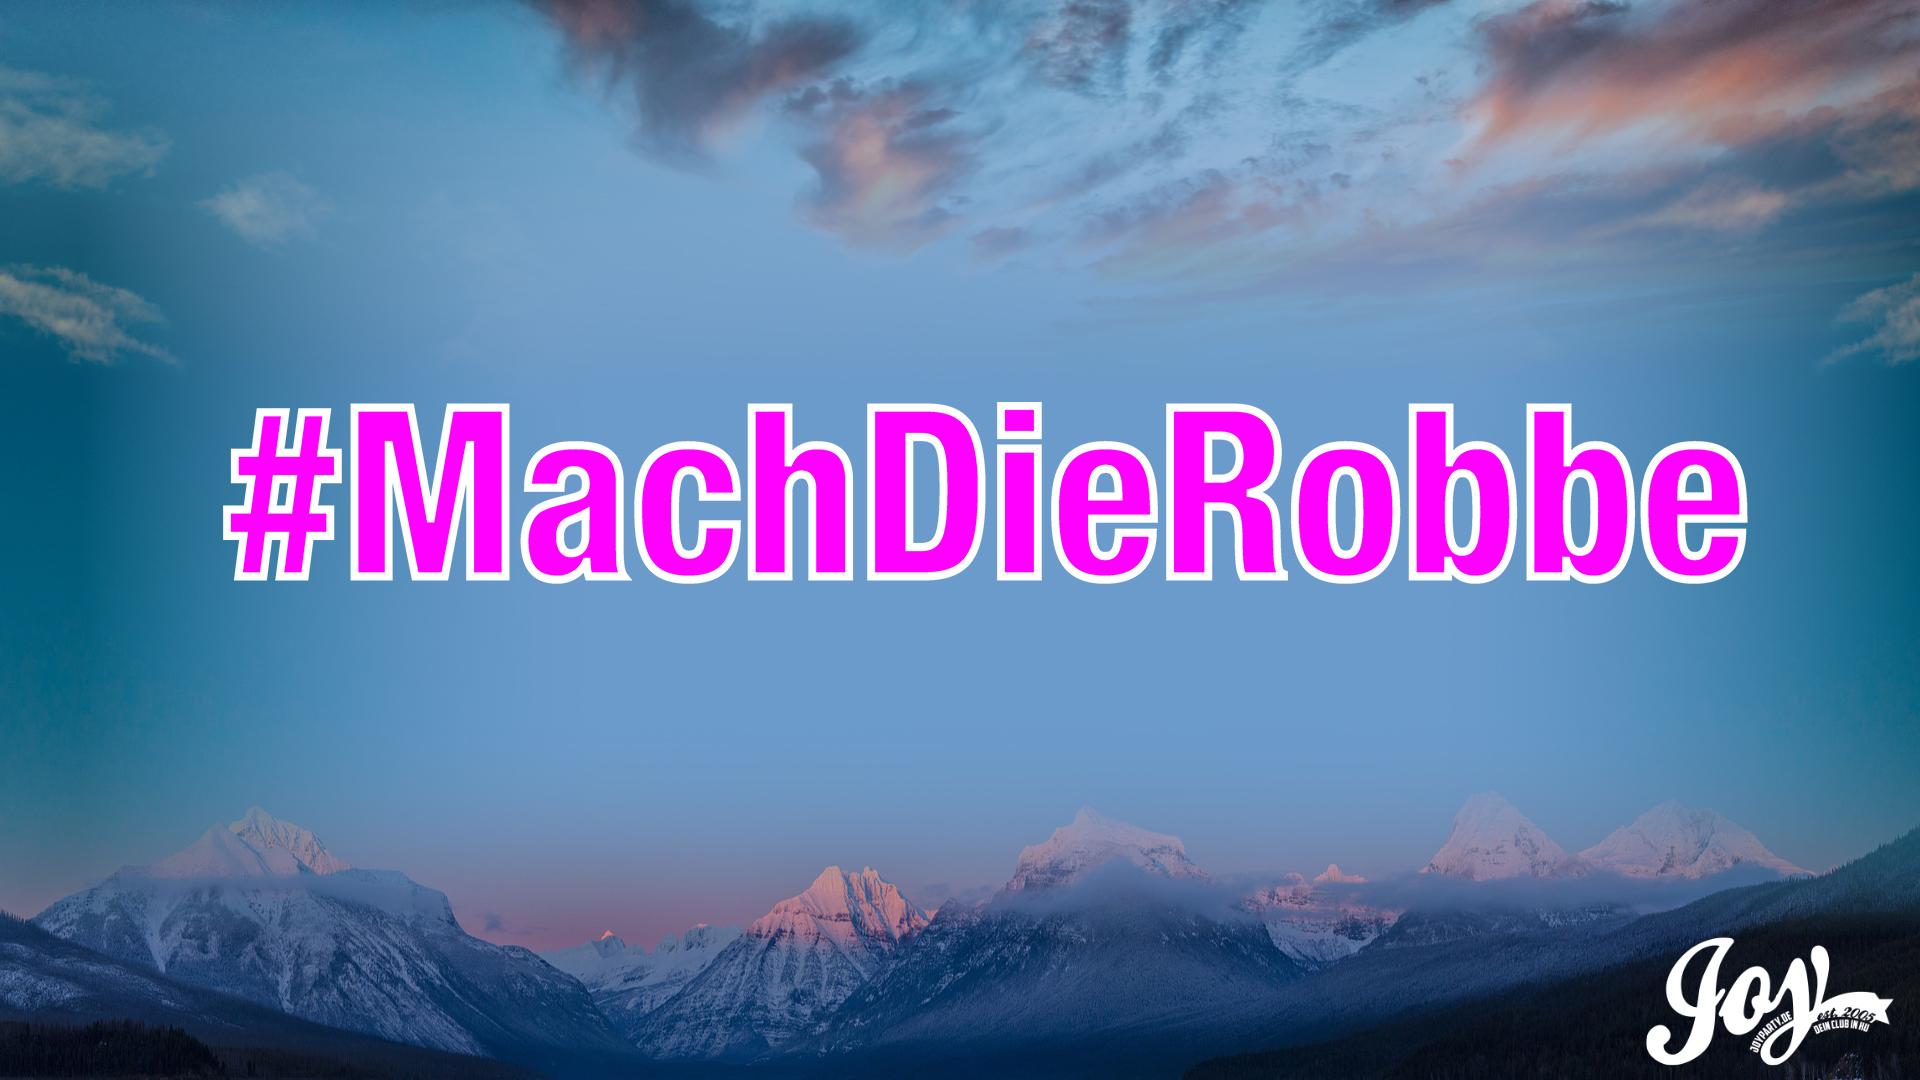 Mach-die-Robbe-Projekt